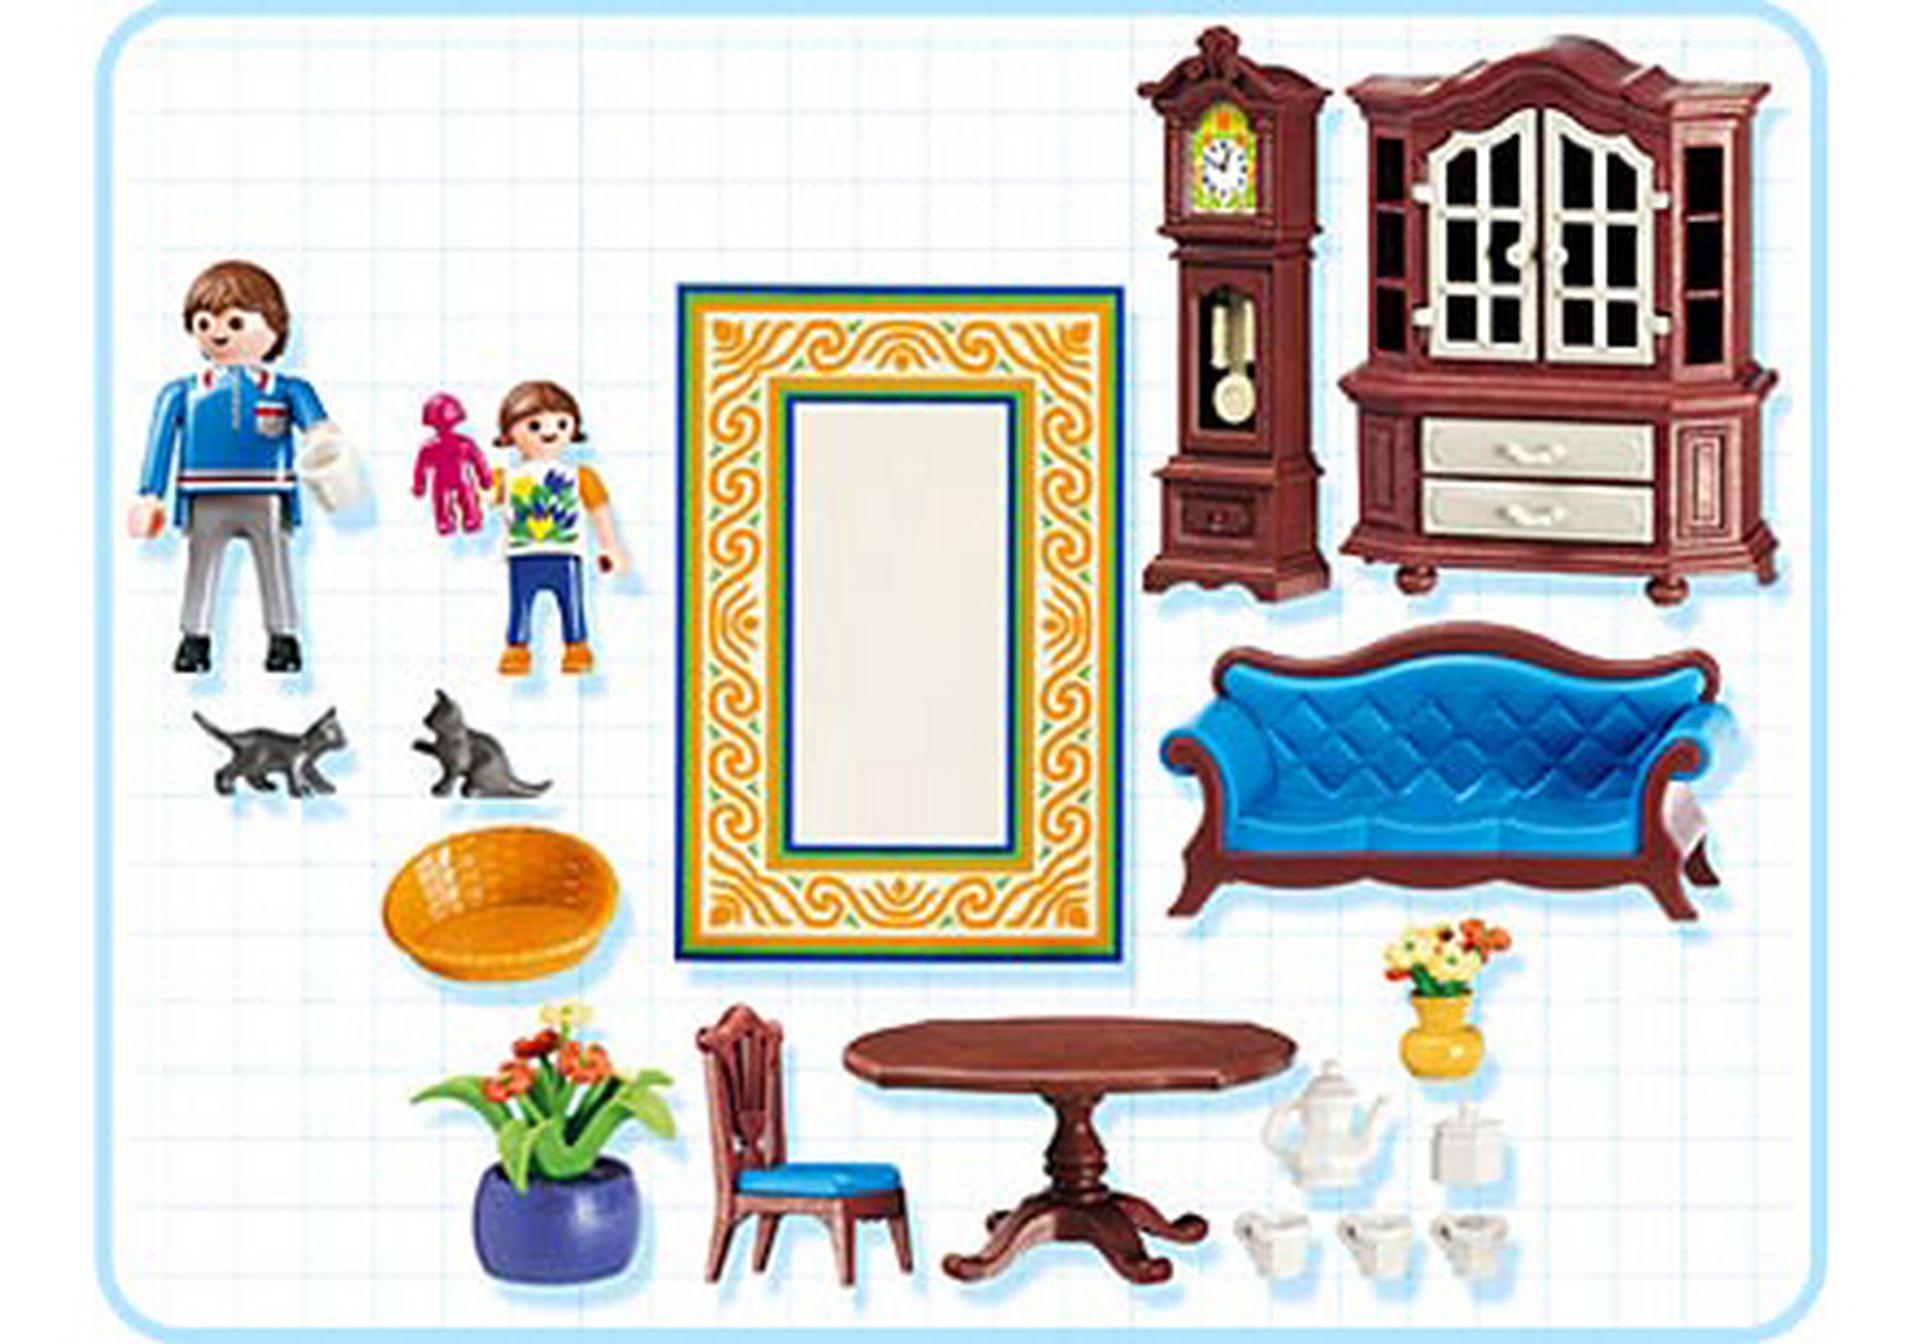 Romantisches wohnzimmer 5327 a playmobil deutschland - Romantisches wohnzimmer ...